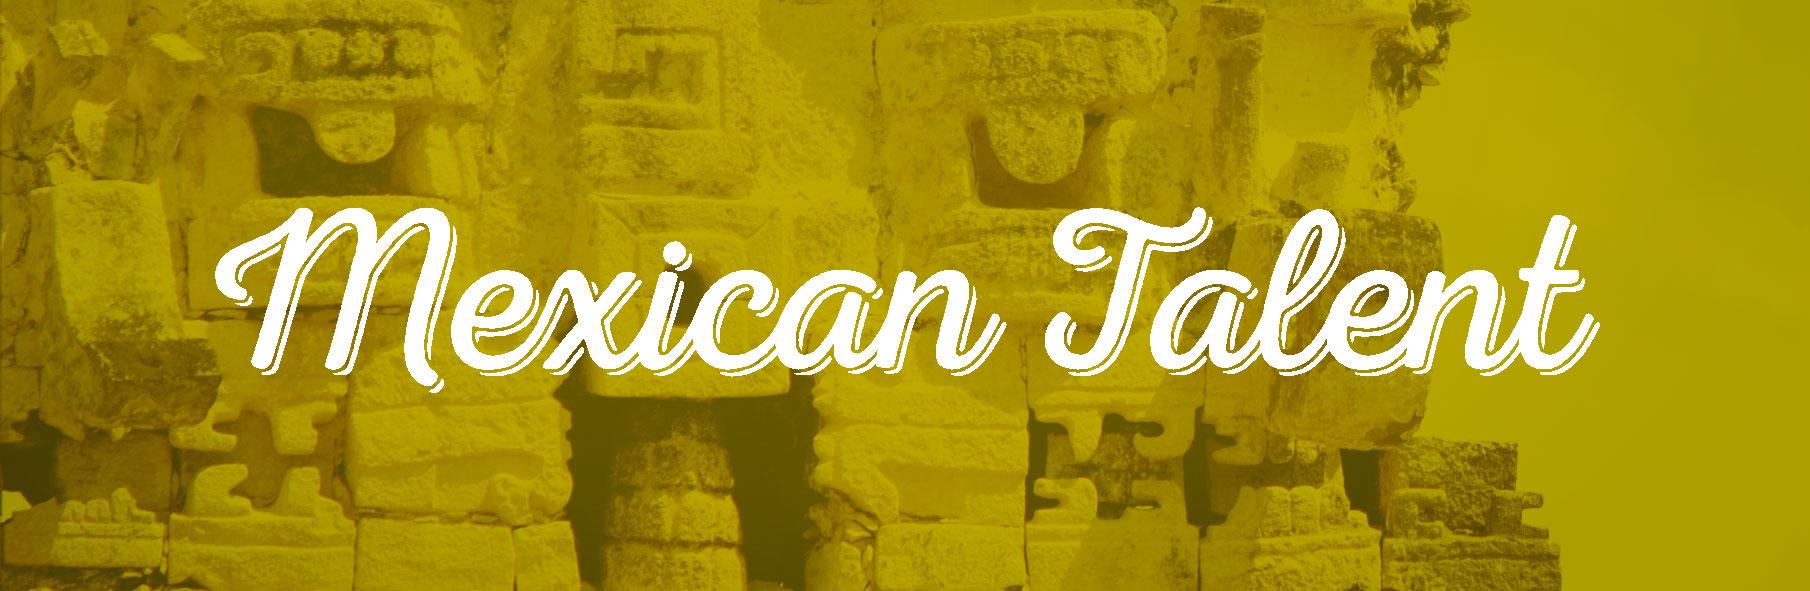 Mexican talent